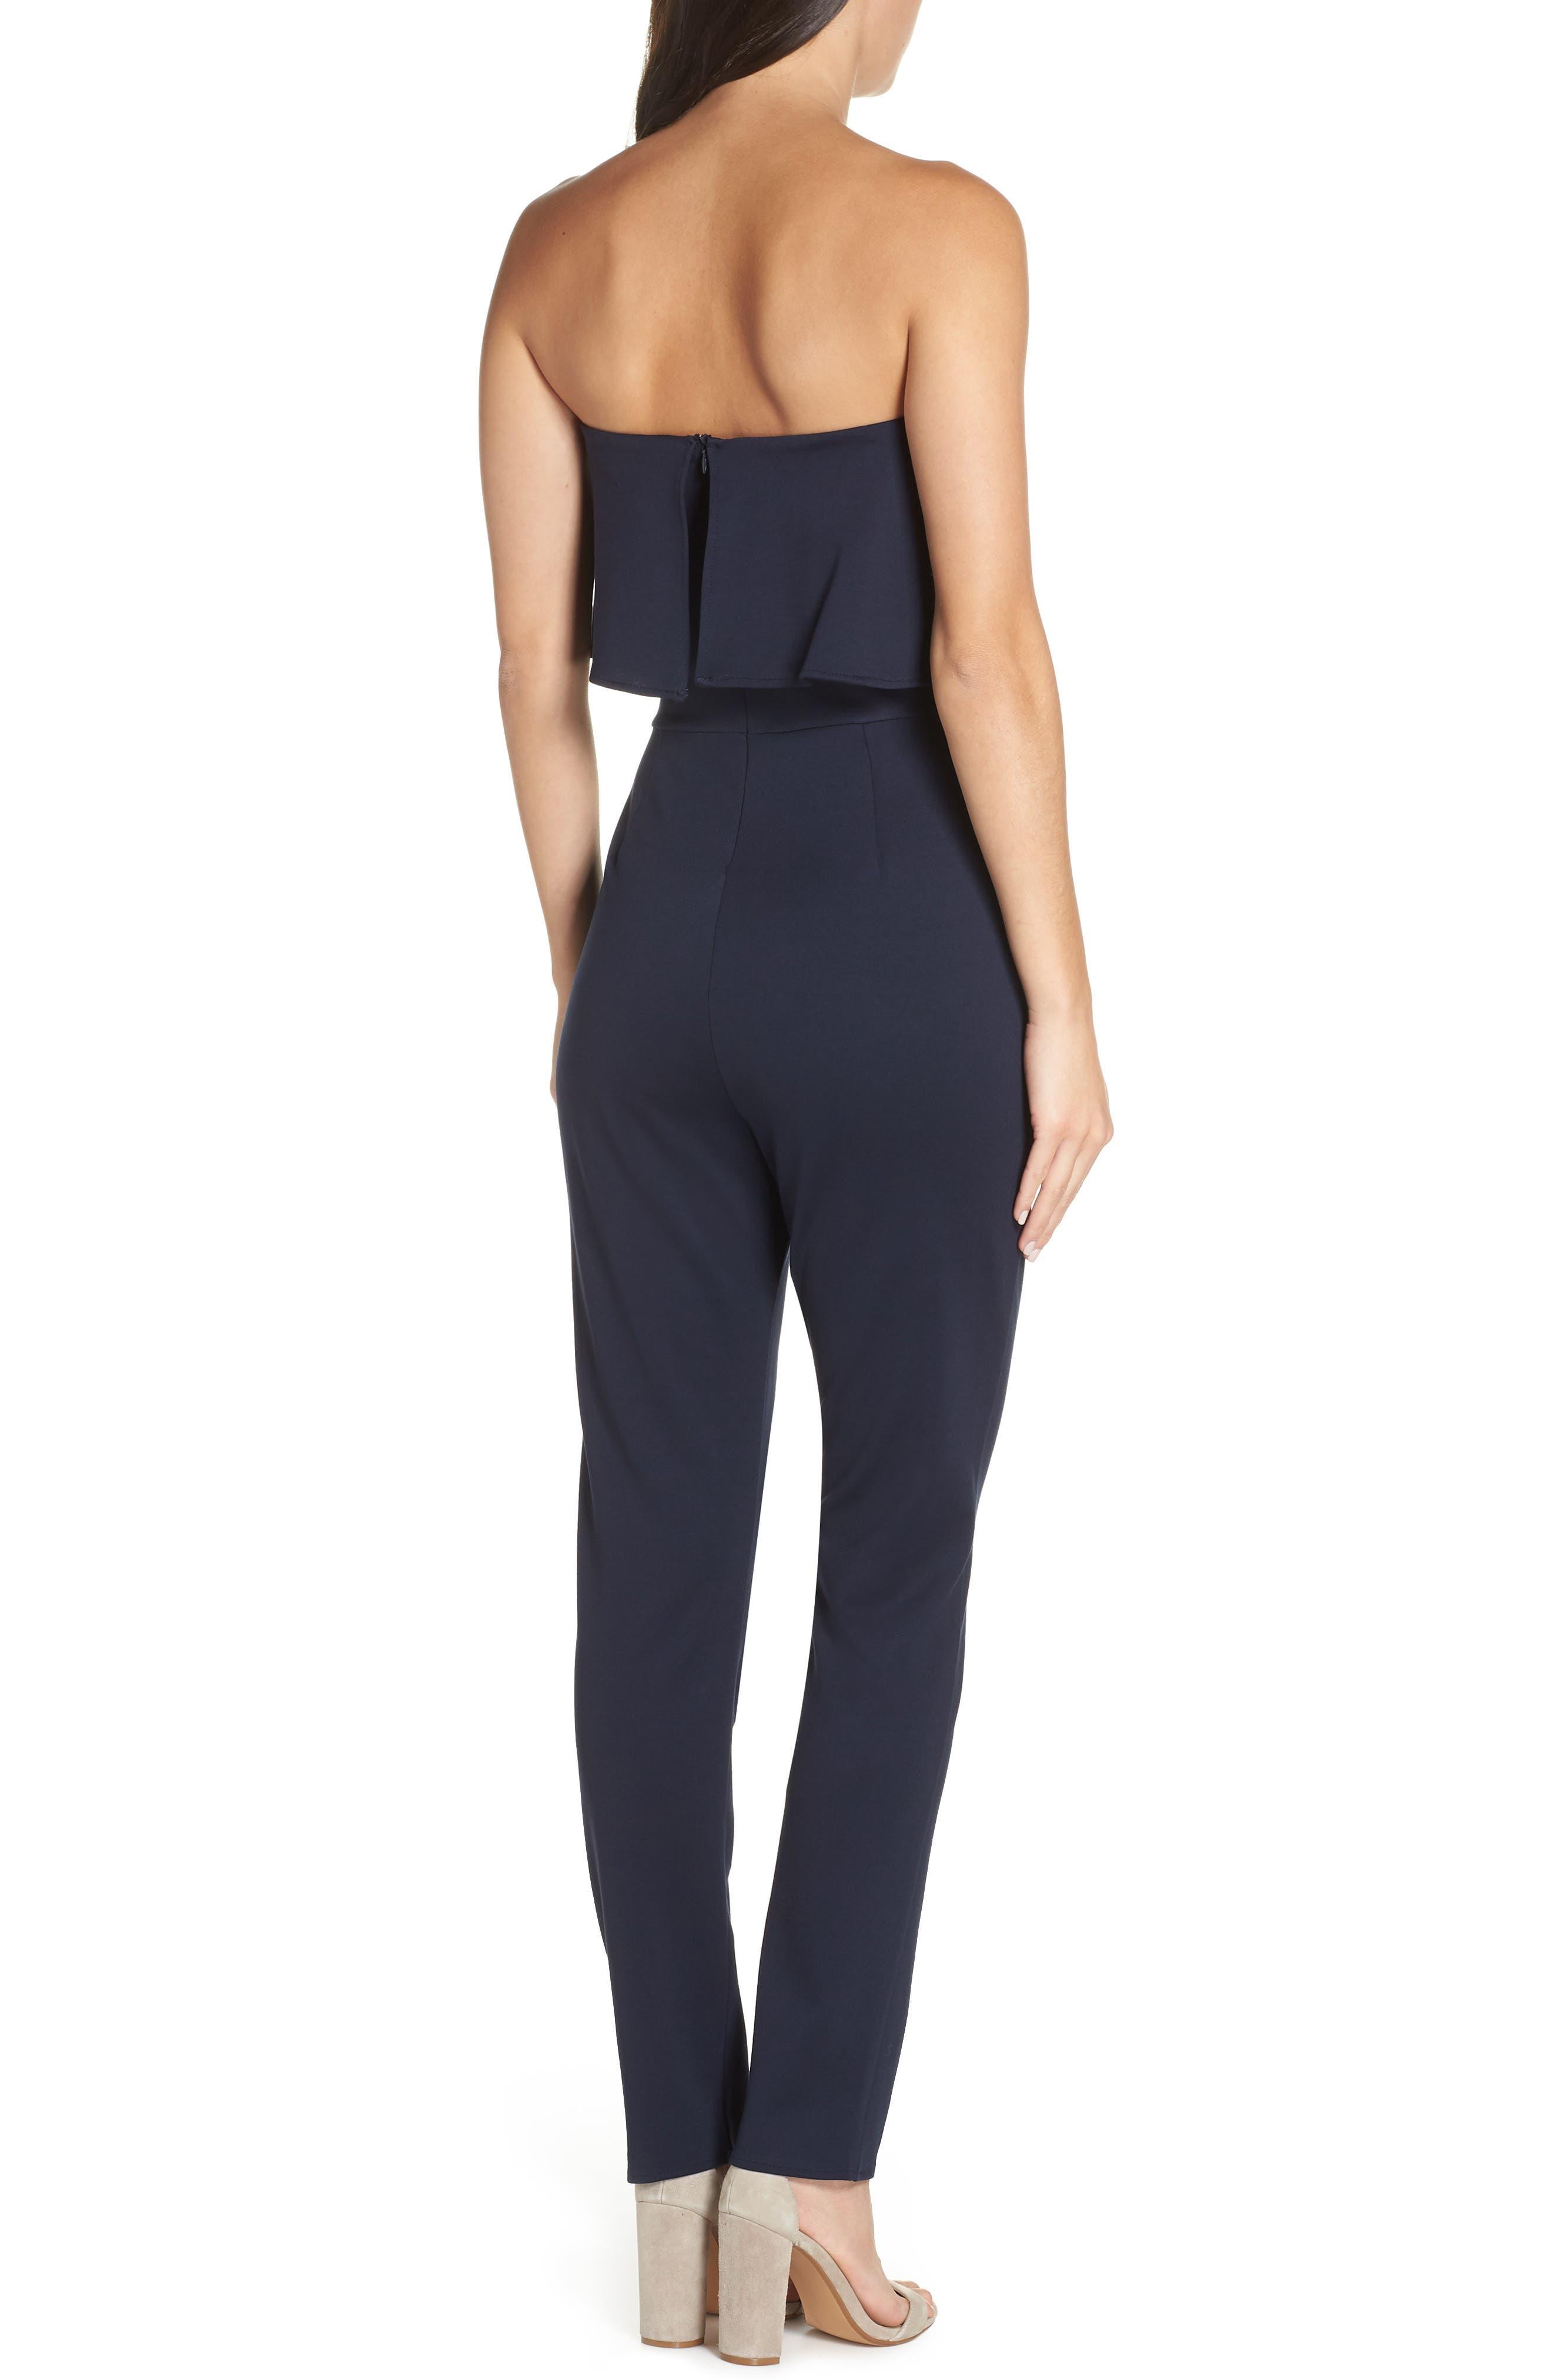 d042c159bd6 Women s Rompers   Jumpsuits Sale